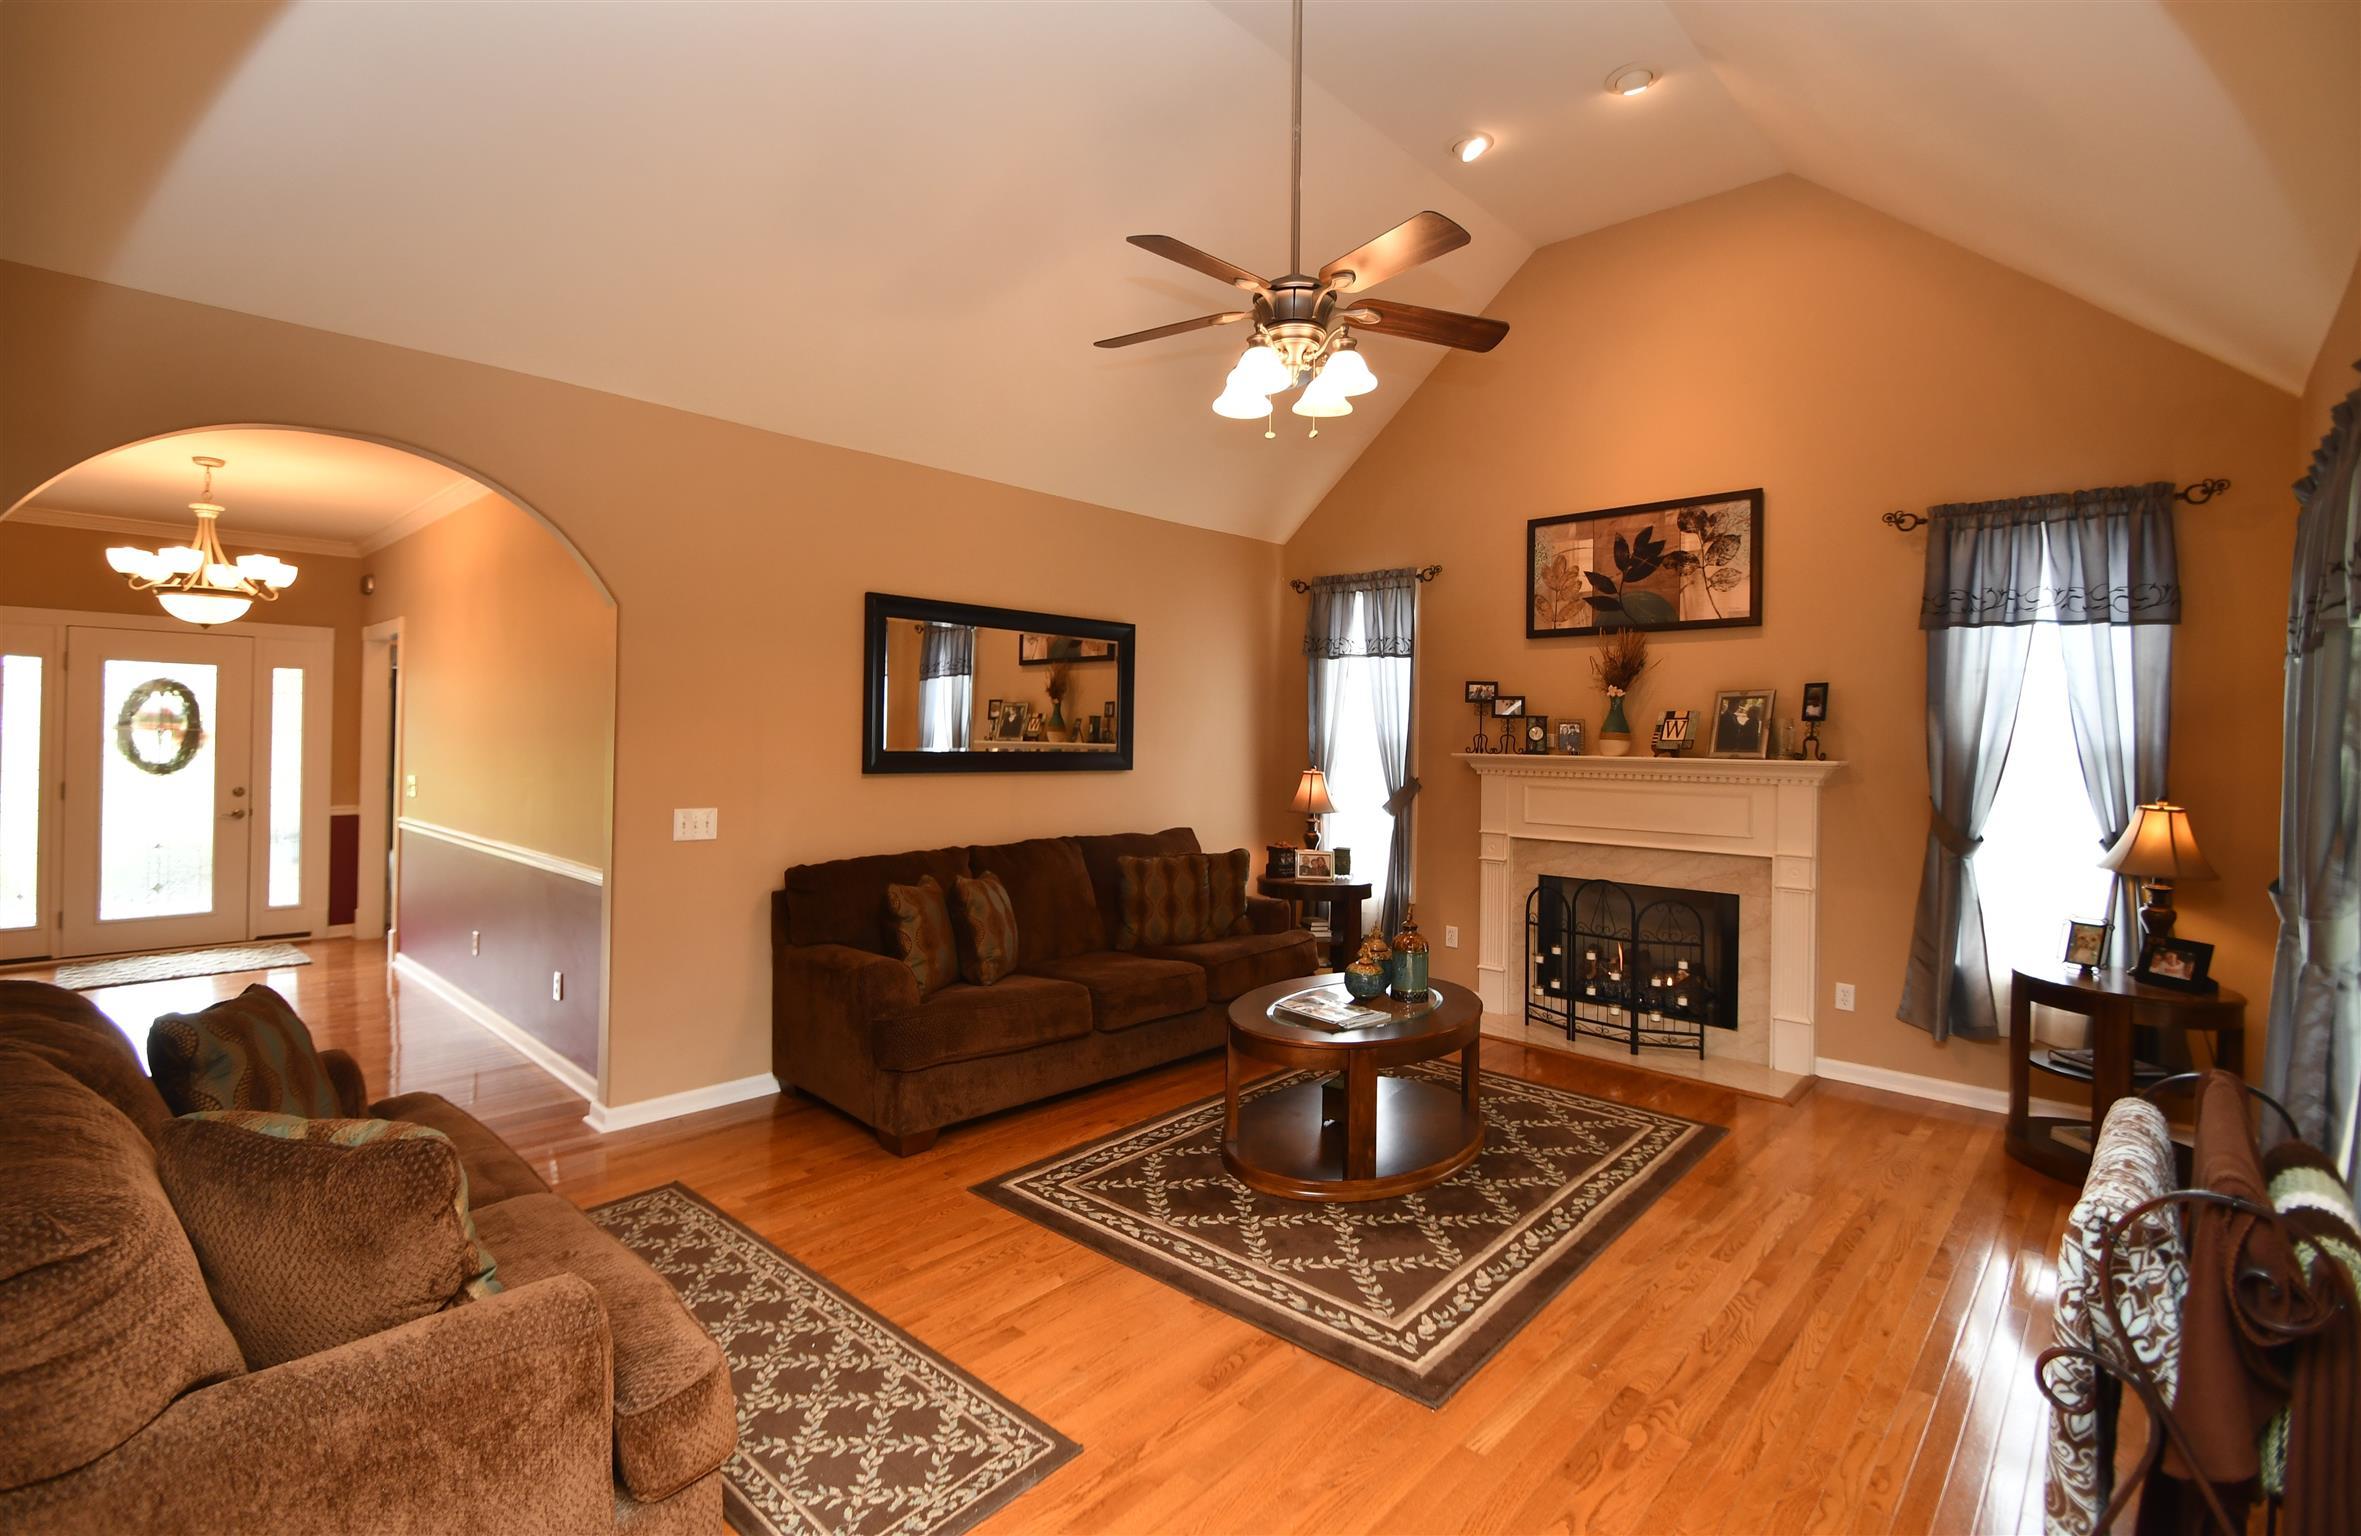 225 Brummitt Rd, Castalian Springs, TN 37031 - Castalian Springs, TN real estate listing